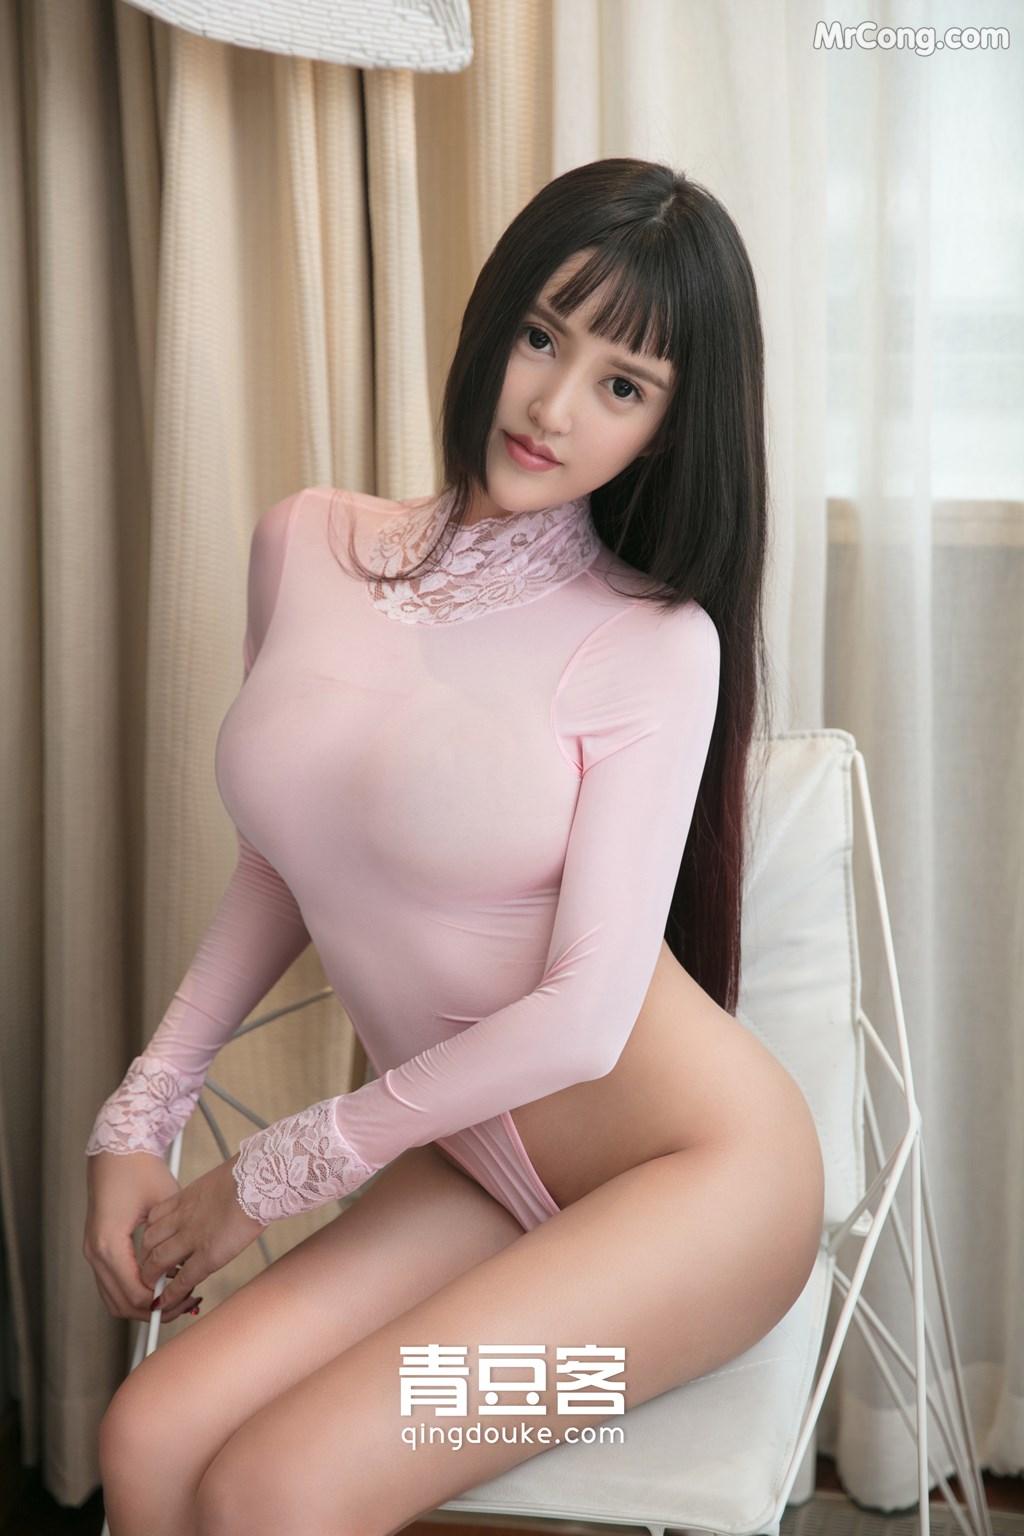 Image QingDouKe-2017-11-16-Bai-Yi-Han-MrCong.com-001 in post QingDouKe 2017-11-16: Người mẫu Bai Yi Han (白一晗) (51 ảnh)